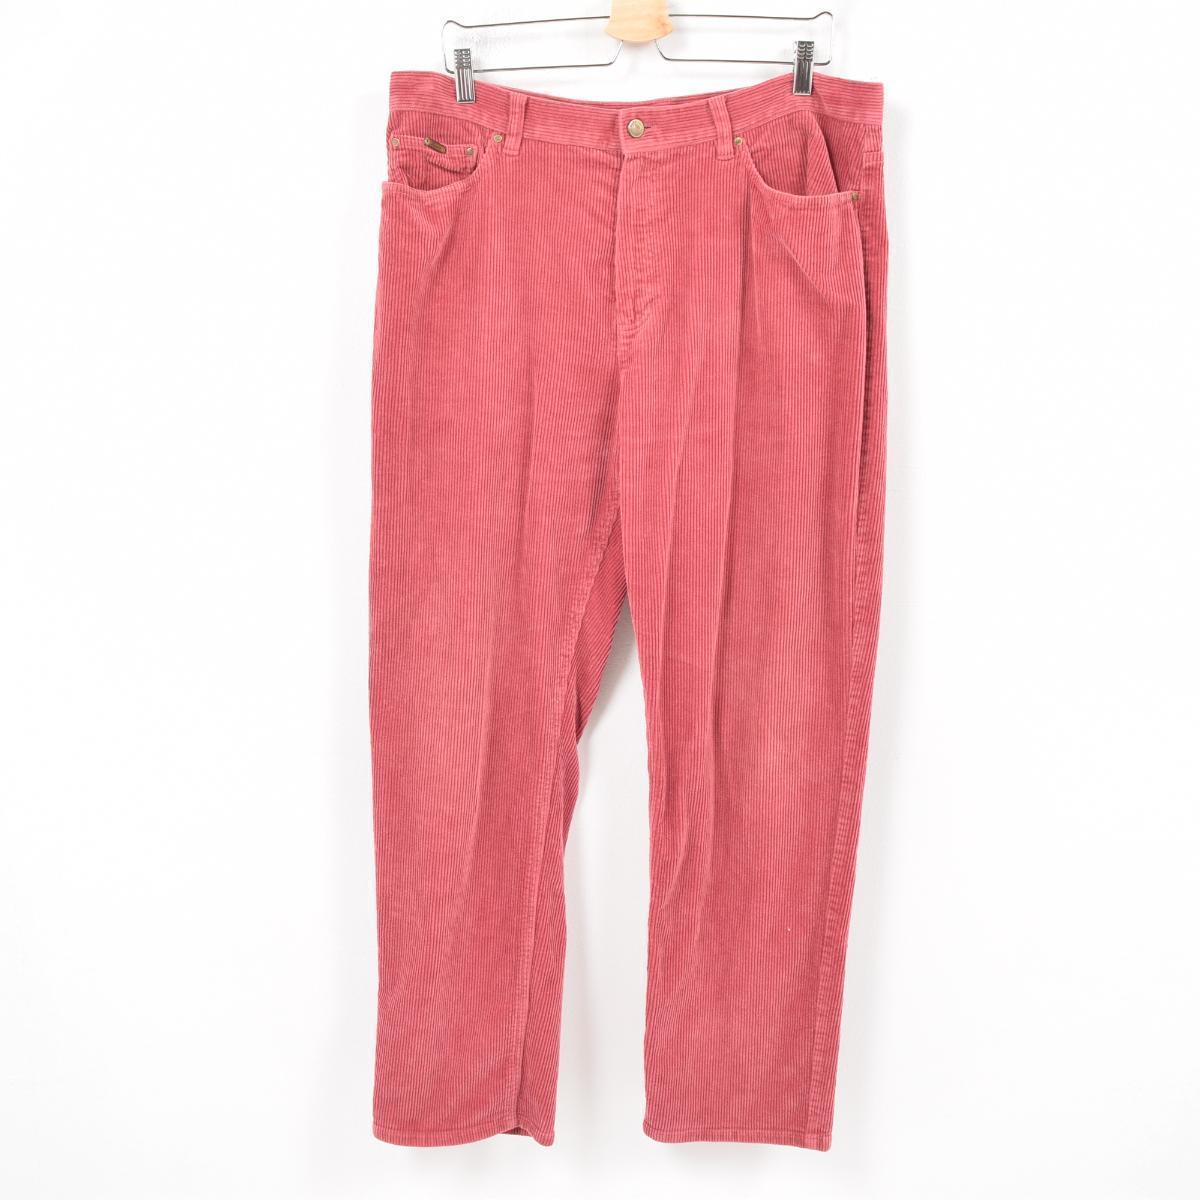 Company Furrow Jeans Wau8686 Polo Corduroy Men Lauren Underwear Large Ralph W37 j5R4AL